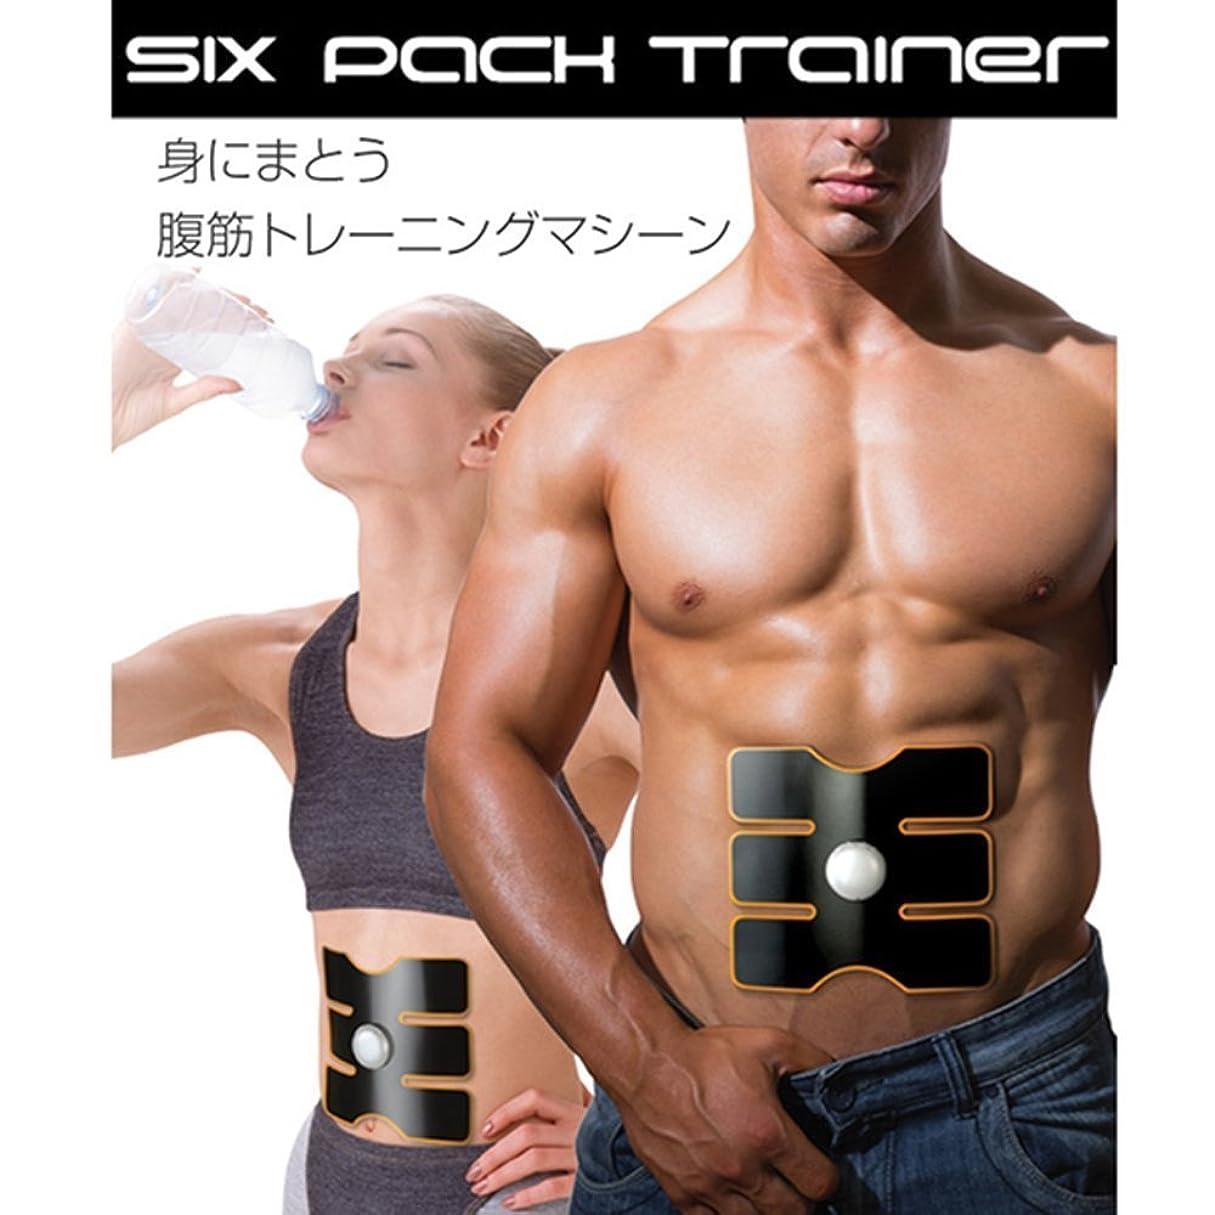 者硬い喉が渇いた筋肉トレーニングマシーンSIX PACK TRAINER WGSP074